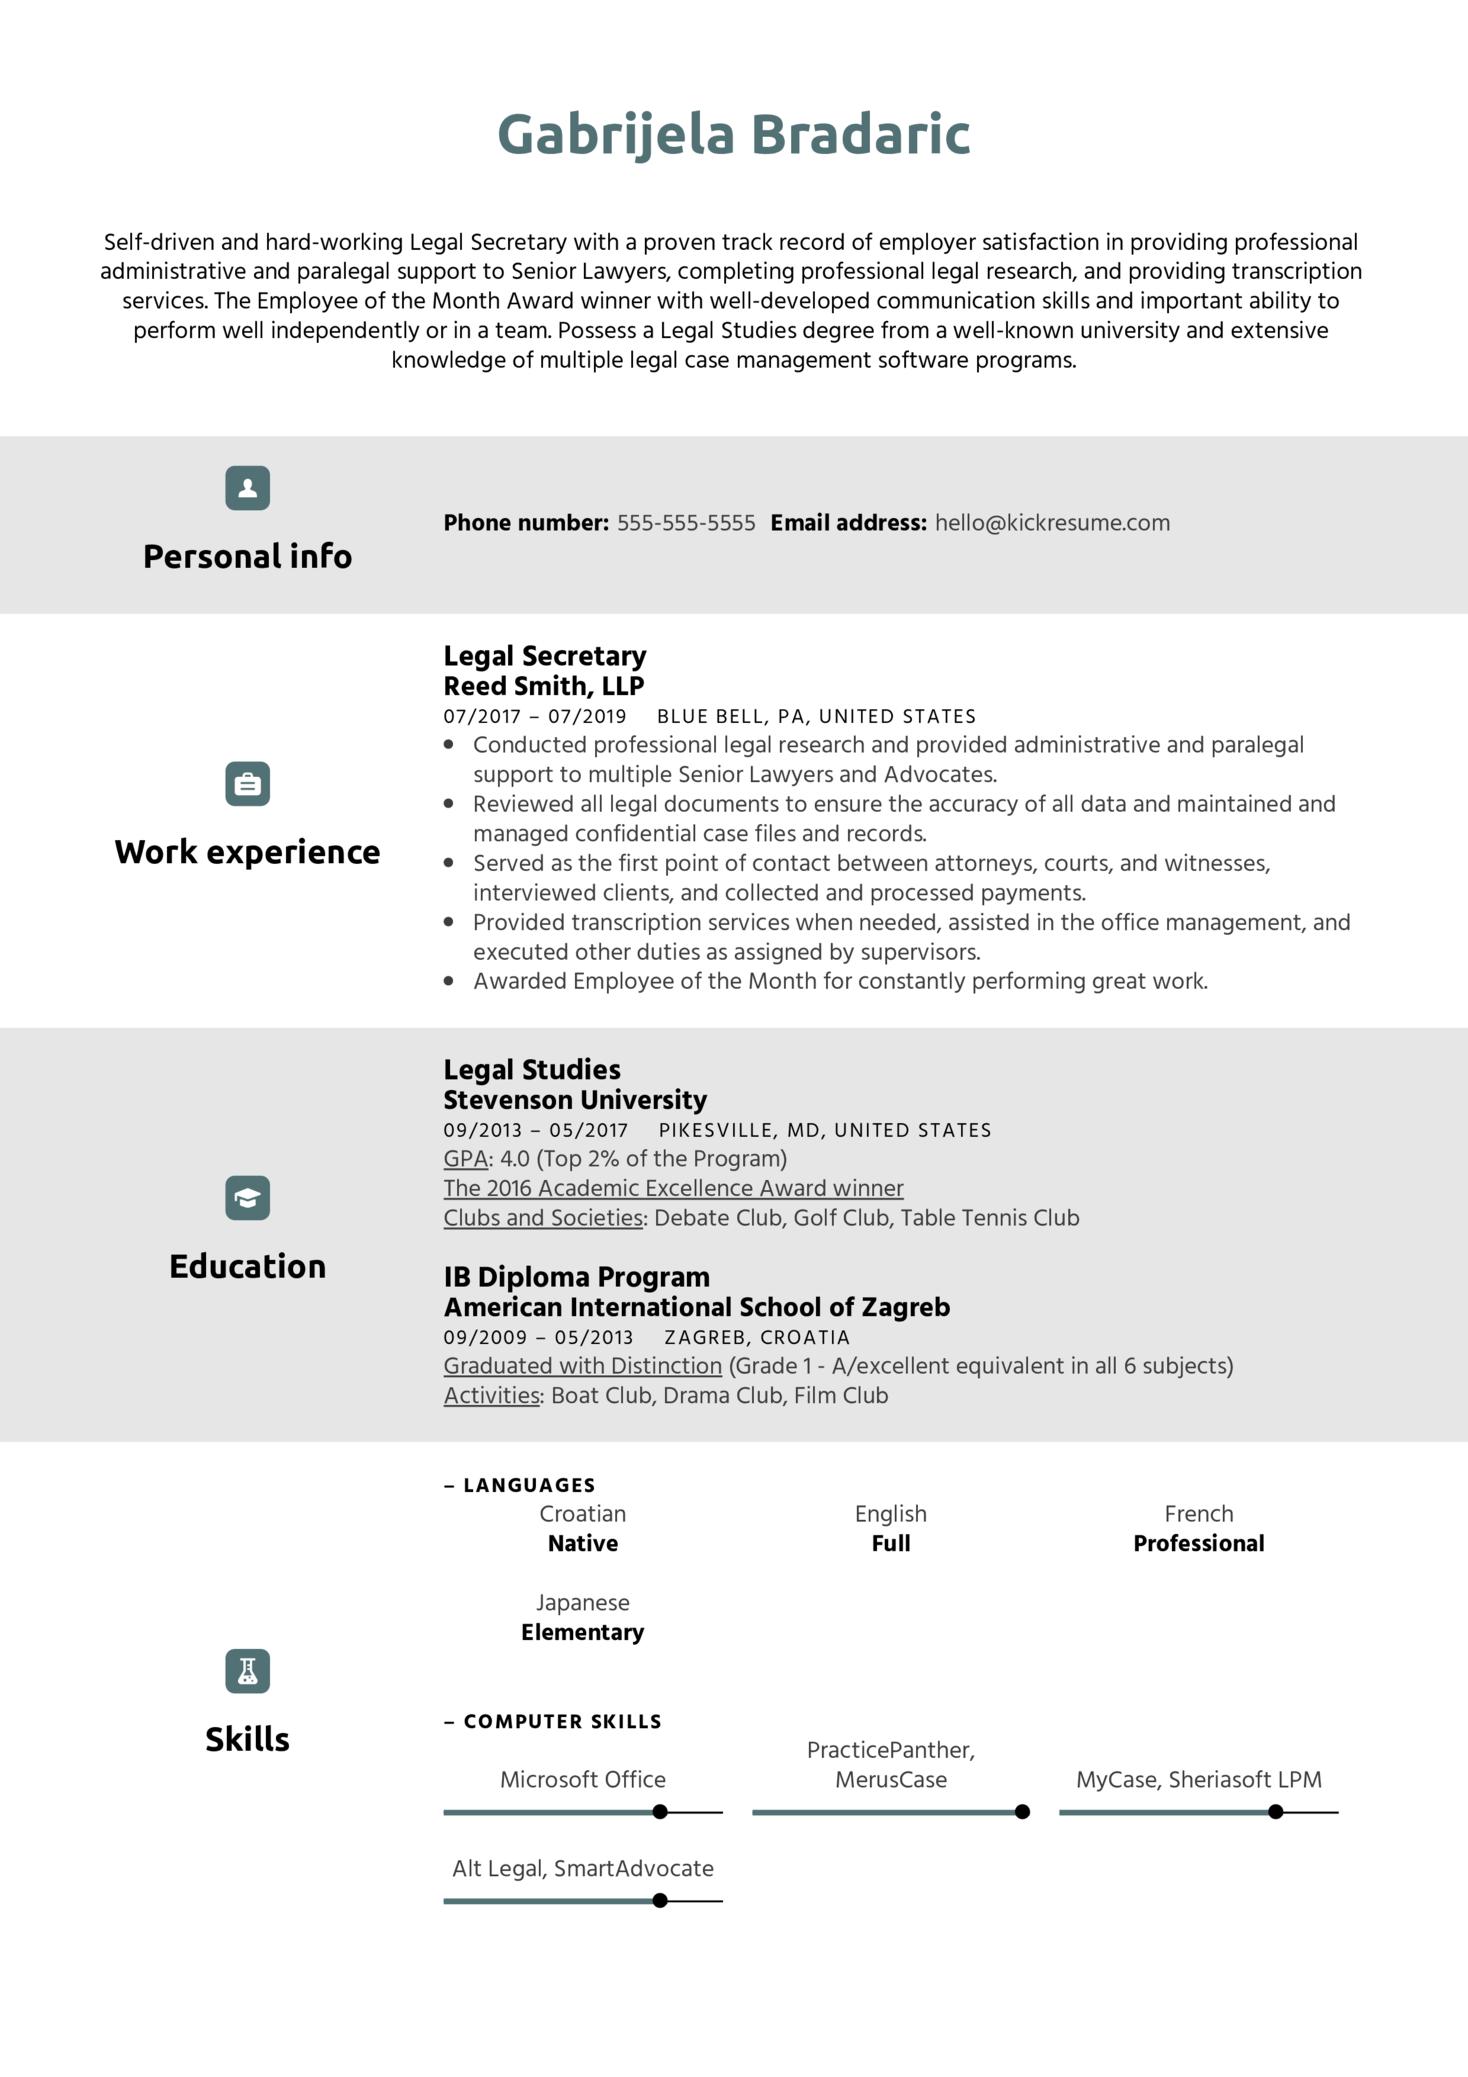 Legal Secretary Resume Example (časť 1)